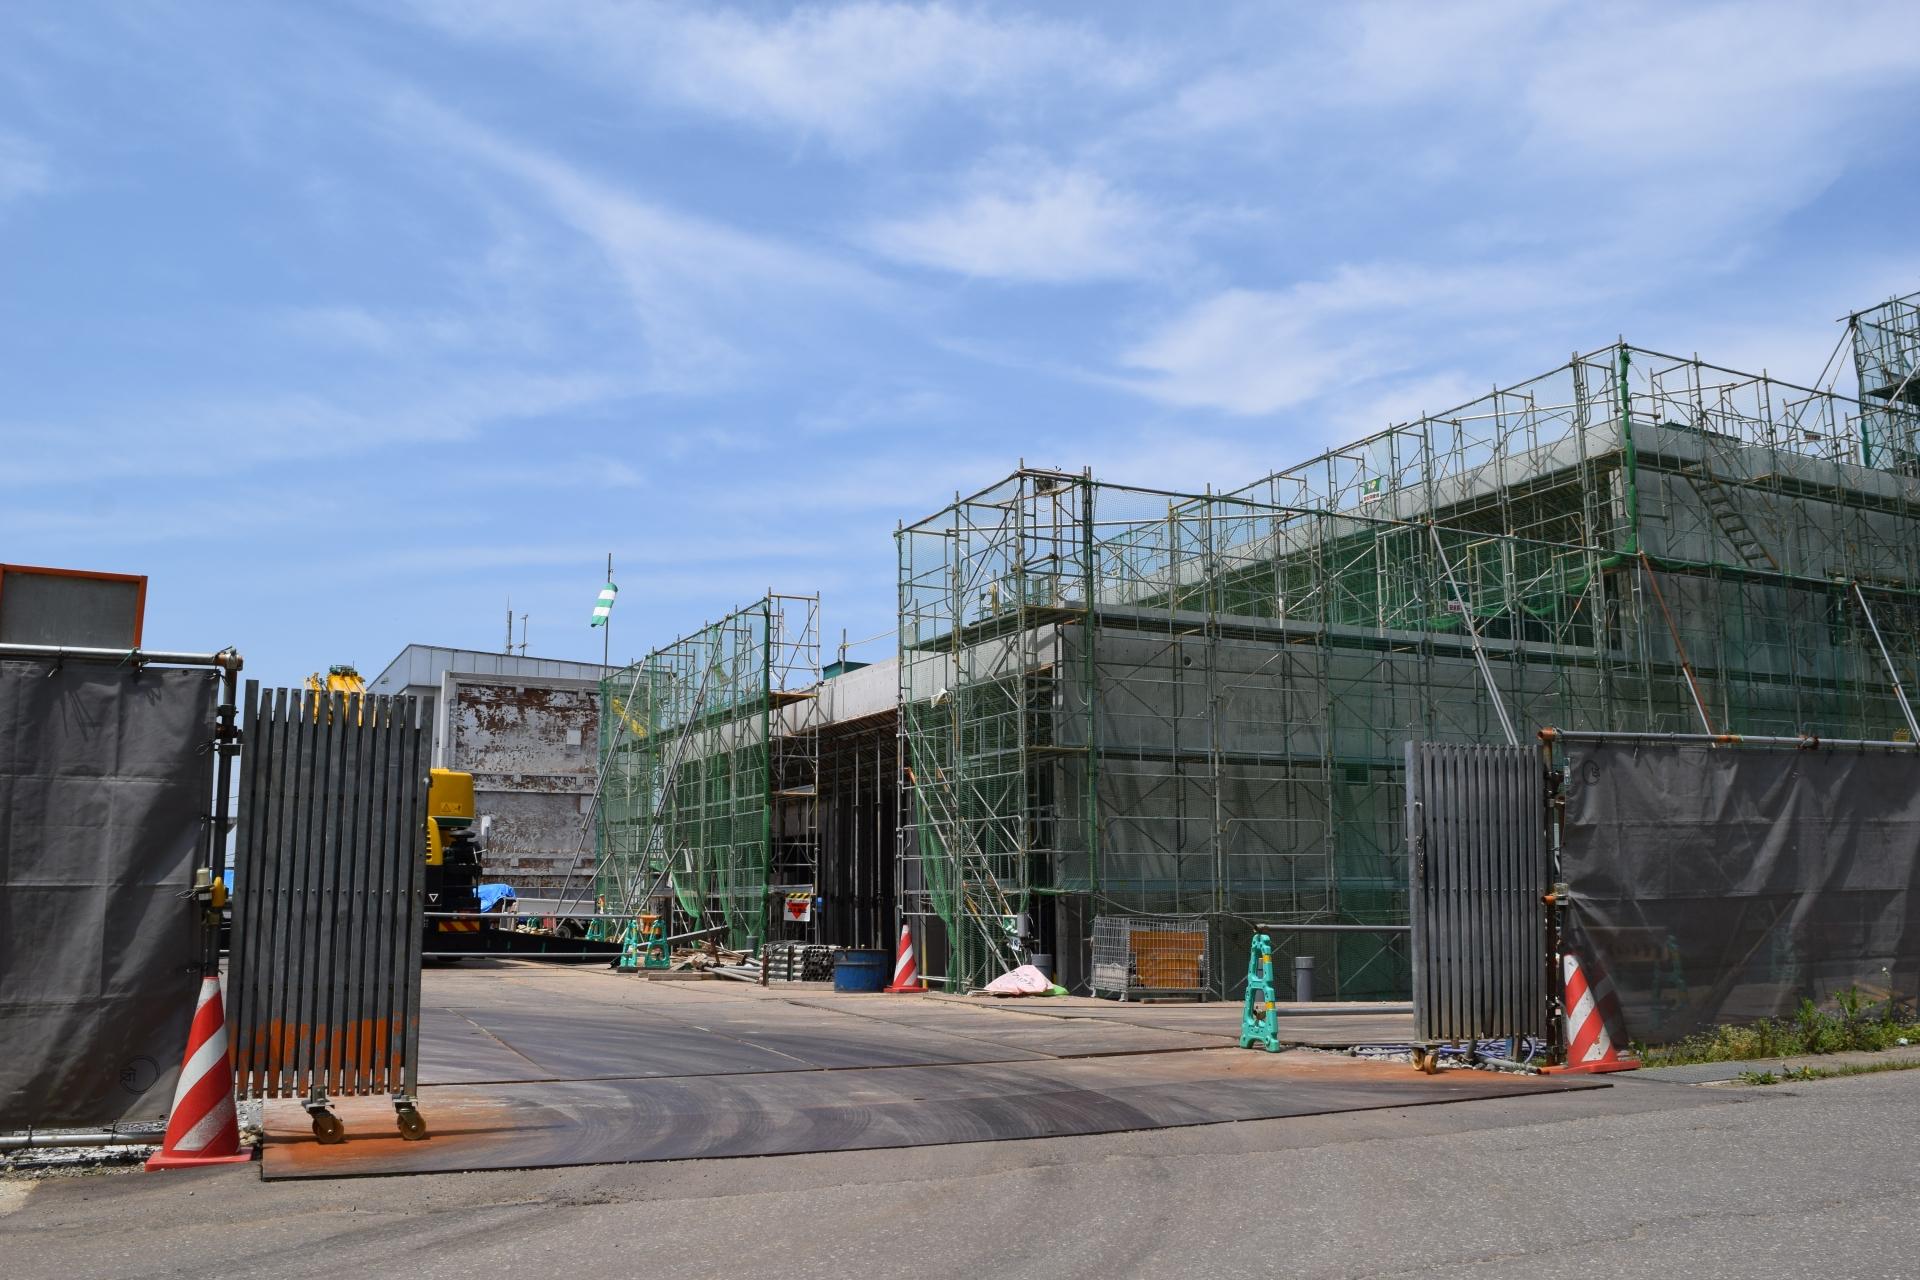 鋼製パレットにアクティブRFIDタグを搭載し、工場から物流センター、建設現場までの一貫した製品輸送を自動管理